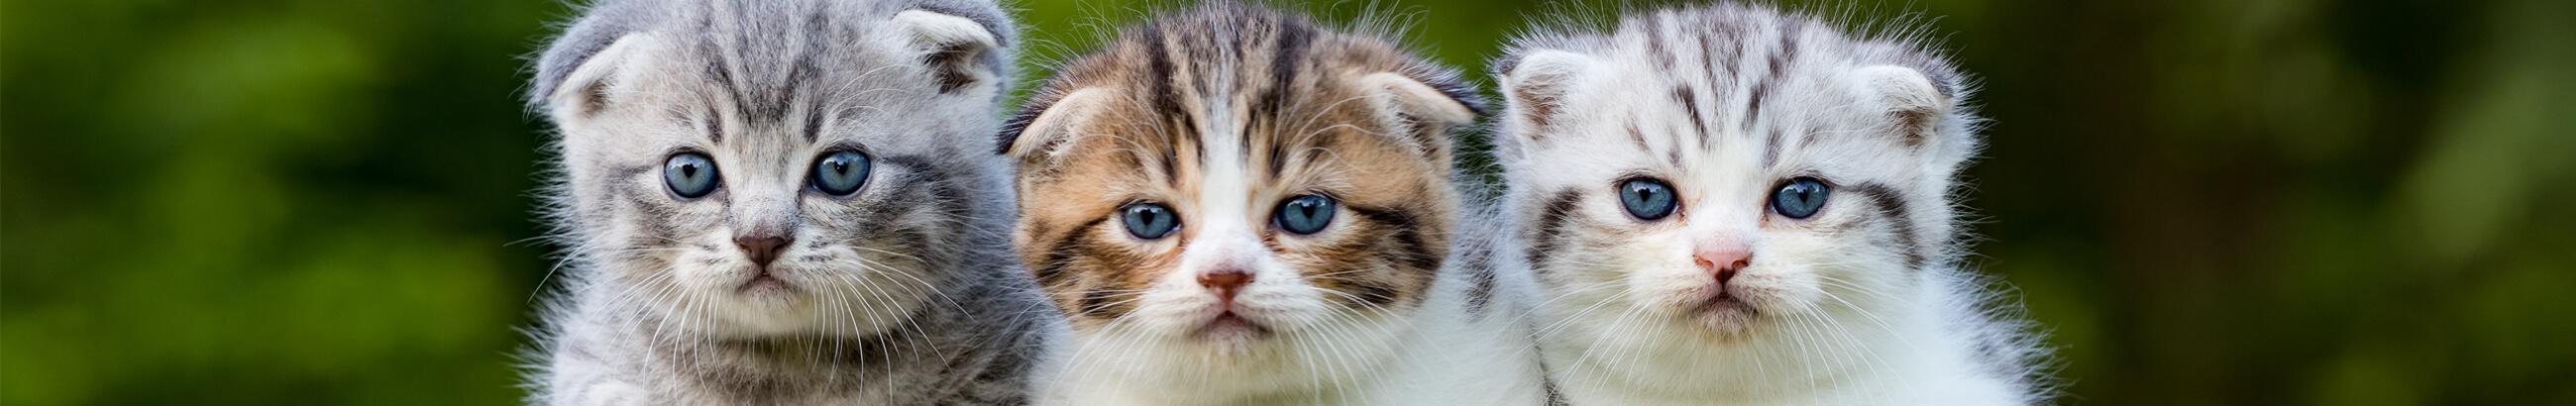 5 consejos para cuidar gatitos bebés